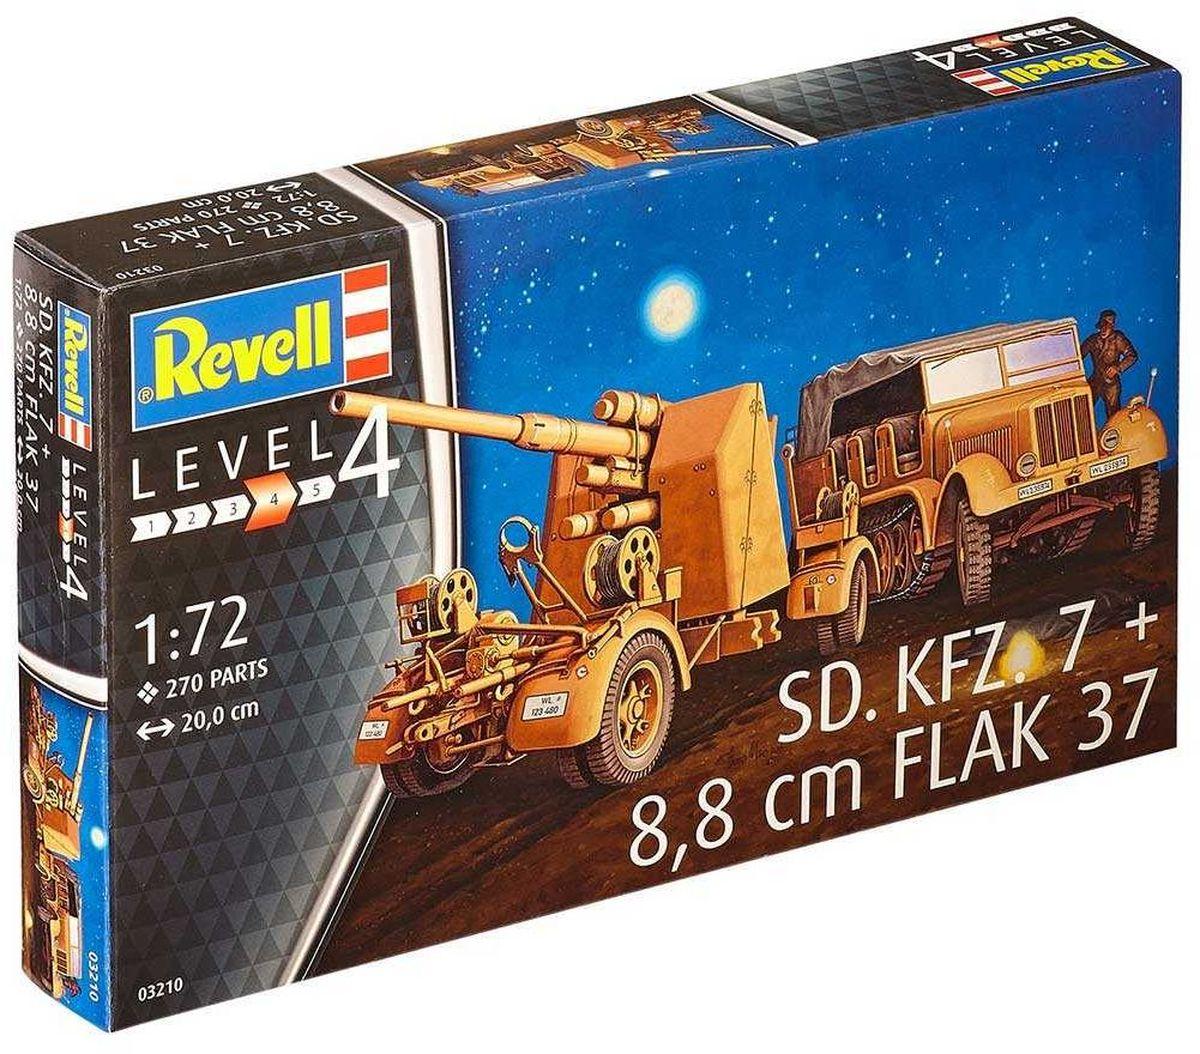 Revell Сборная модель Полугусеничный тягач Sd.Kfz. 7 и зенитная пушка 8,8 cm Flak 3703210RС помощью сборной модели Revell Полугусеничный тягач Sd.Kfz. 7 и зенитная пушка 8,8 cm Flak 37 вы и ваш ребенок сможете собрать уменьшенную копию одноименного тягача и зенитной пушки. Набор включает в себя 270 пластиковых элементов для сборки, а также схематичную инструкцию. Как и все полугусеничные тягачи, выпускавшиеся в годы войны в Германии, тягач SdKfz 7 имел передний управляемый автомобильный мост и гусеничный движитель. С каждого борта движителя оборудовалось по шесть сдвоенных обрезиненных опорных катков. Ширина гусеницы составляла 360 мм. Процесс сборки развивает интеллектуальные и инструментальные способности, воображение и конструктивное мышление, а также прививает практические навыки работы со схемами и чертежами. Уровень сложности: 4. УВАЖАЕМЫЕ КЛИЕНТЫ! Обращаем ваше внимание на тот факт, что элементы для сборки не покрашены. Клей и краски в комплект не входят.